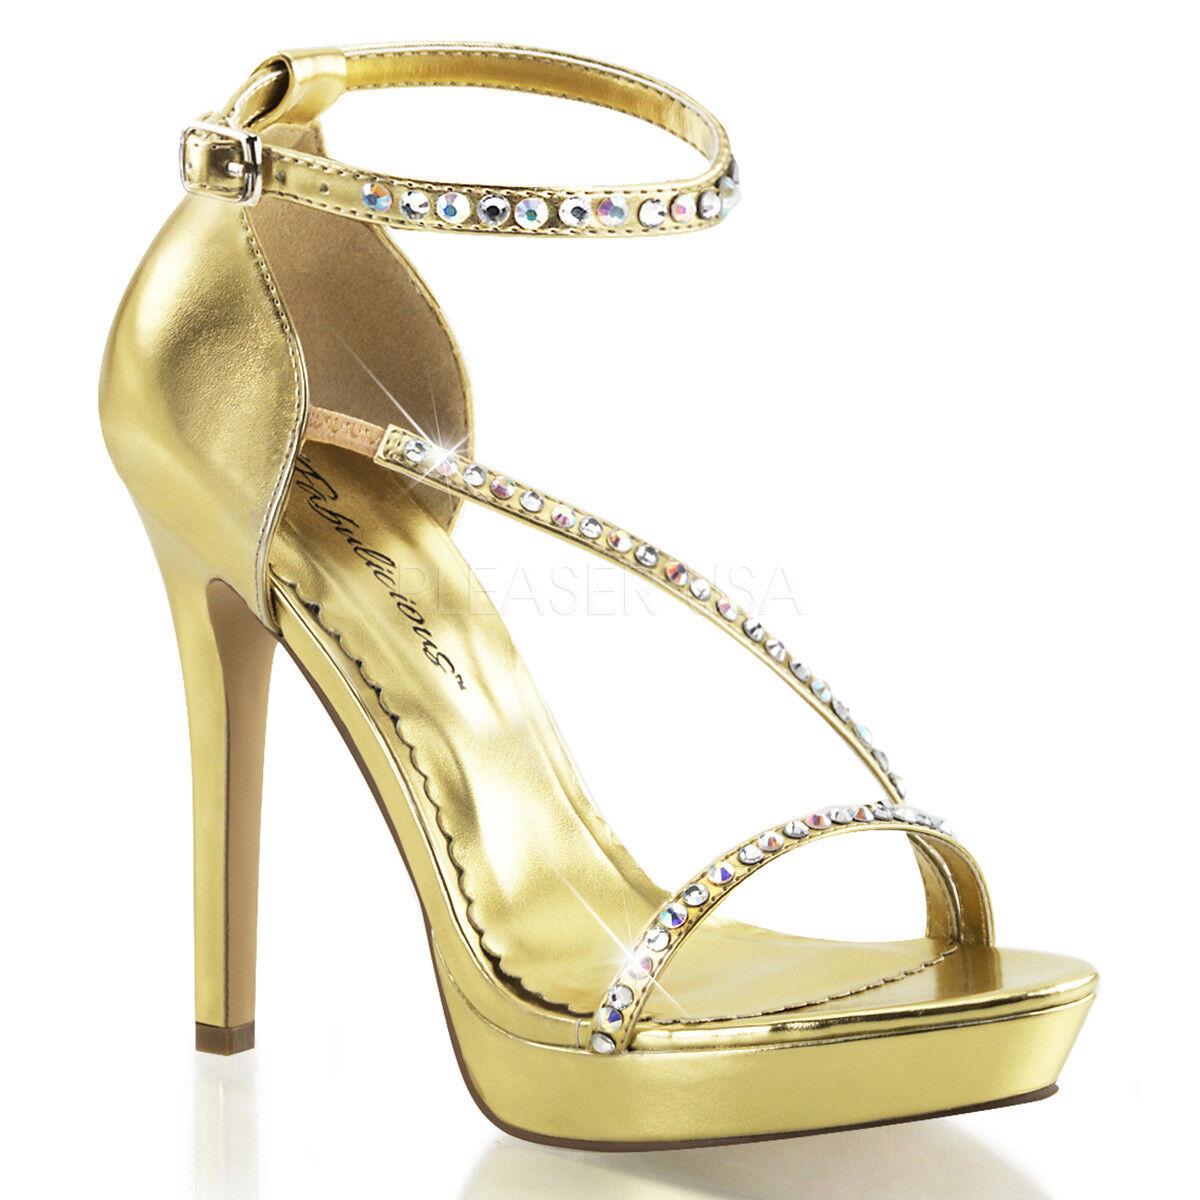 Fabulicious LUMINA-26 LUMINA-26 LUMINA-26 Strappy High Heels Gold Größe UK 6 EU 39 NH08 29 SALEs 1c94d3